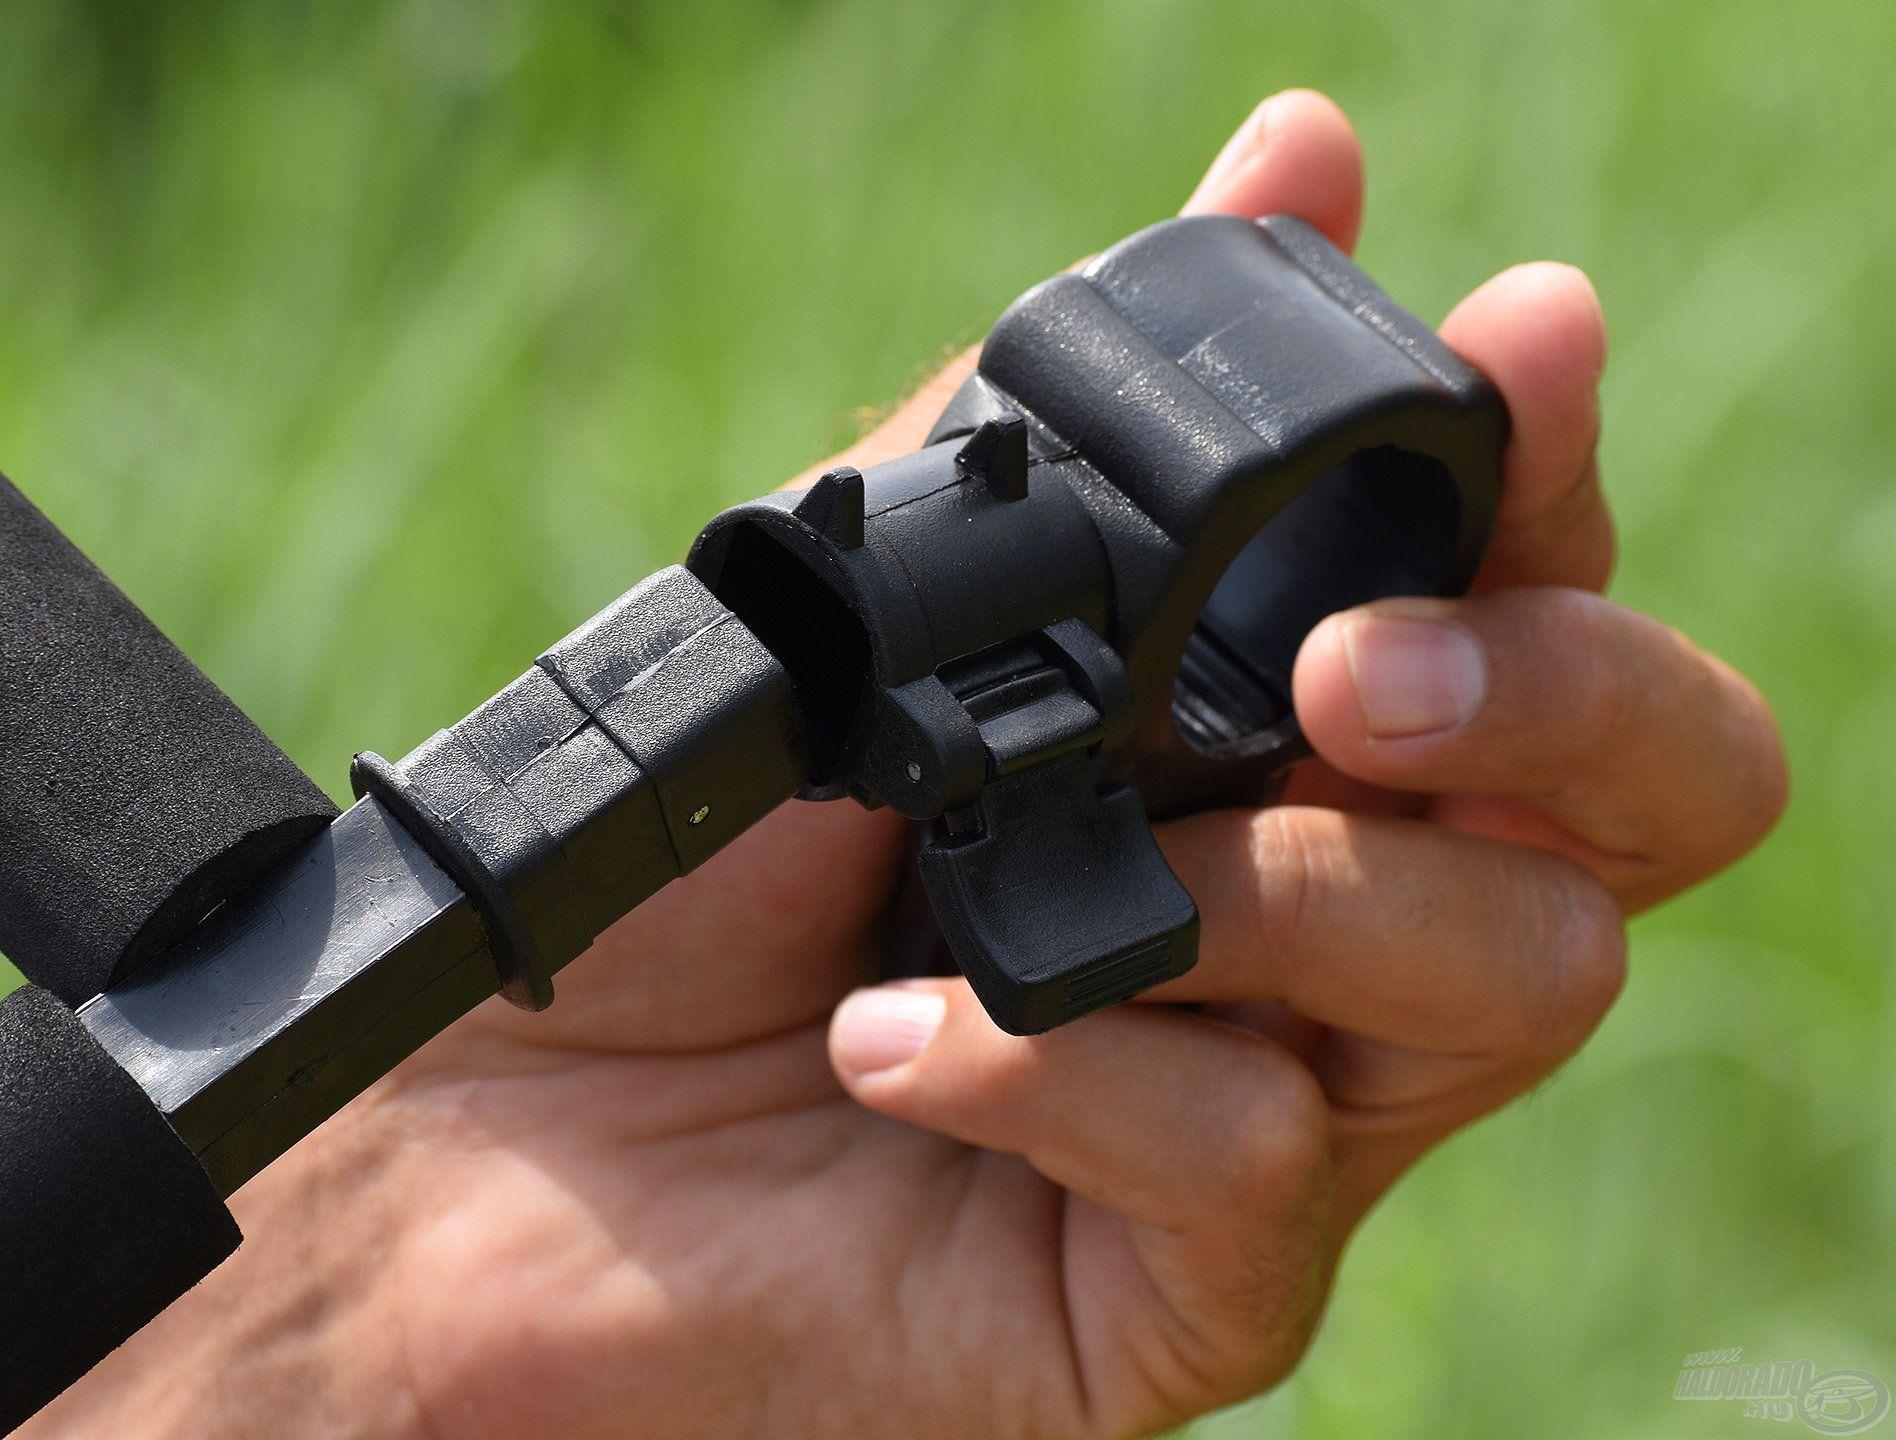 Ezek a hajlított karok a QR rendszer segítségével tőből leszedhetők a rögzítő részről, így könnyen szállíthatók